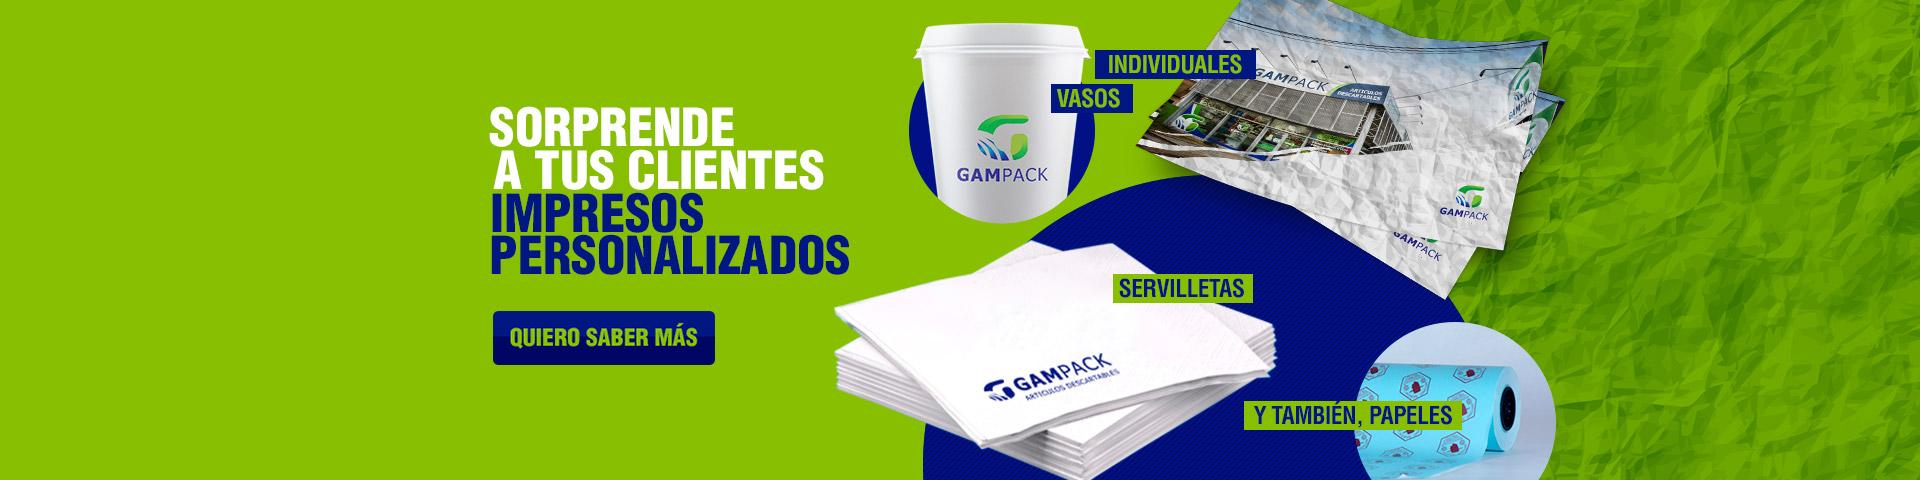 Gampack_Slide_01